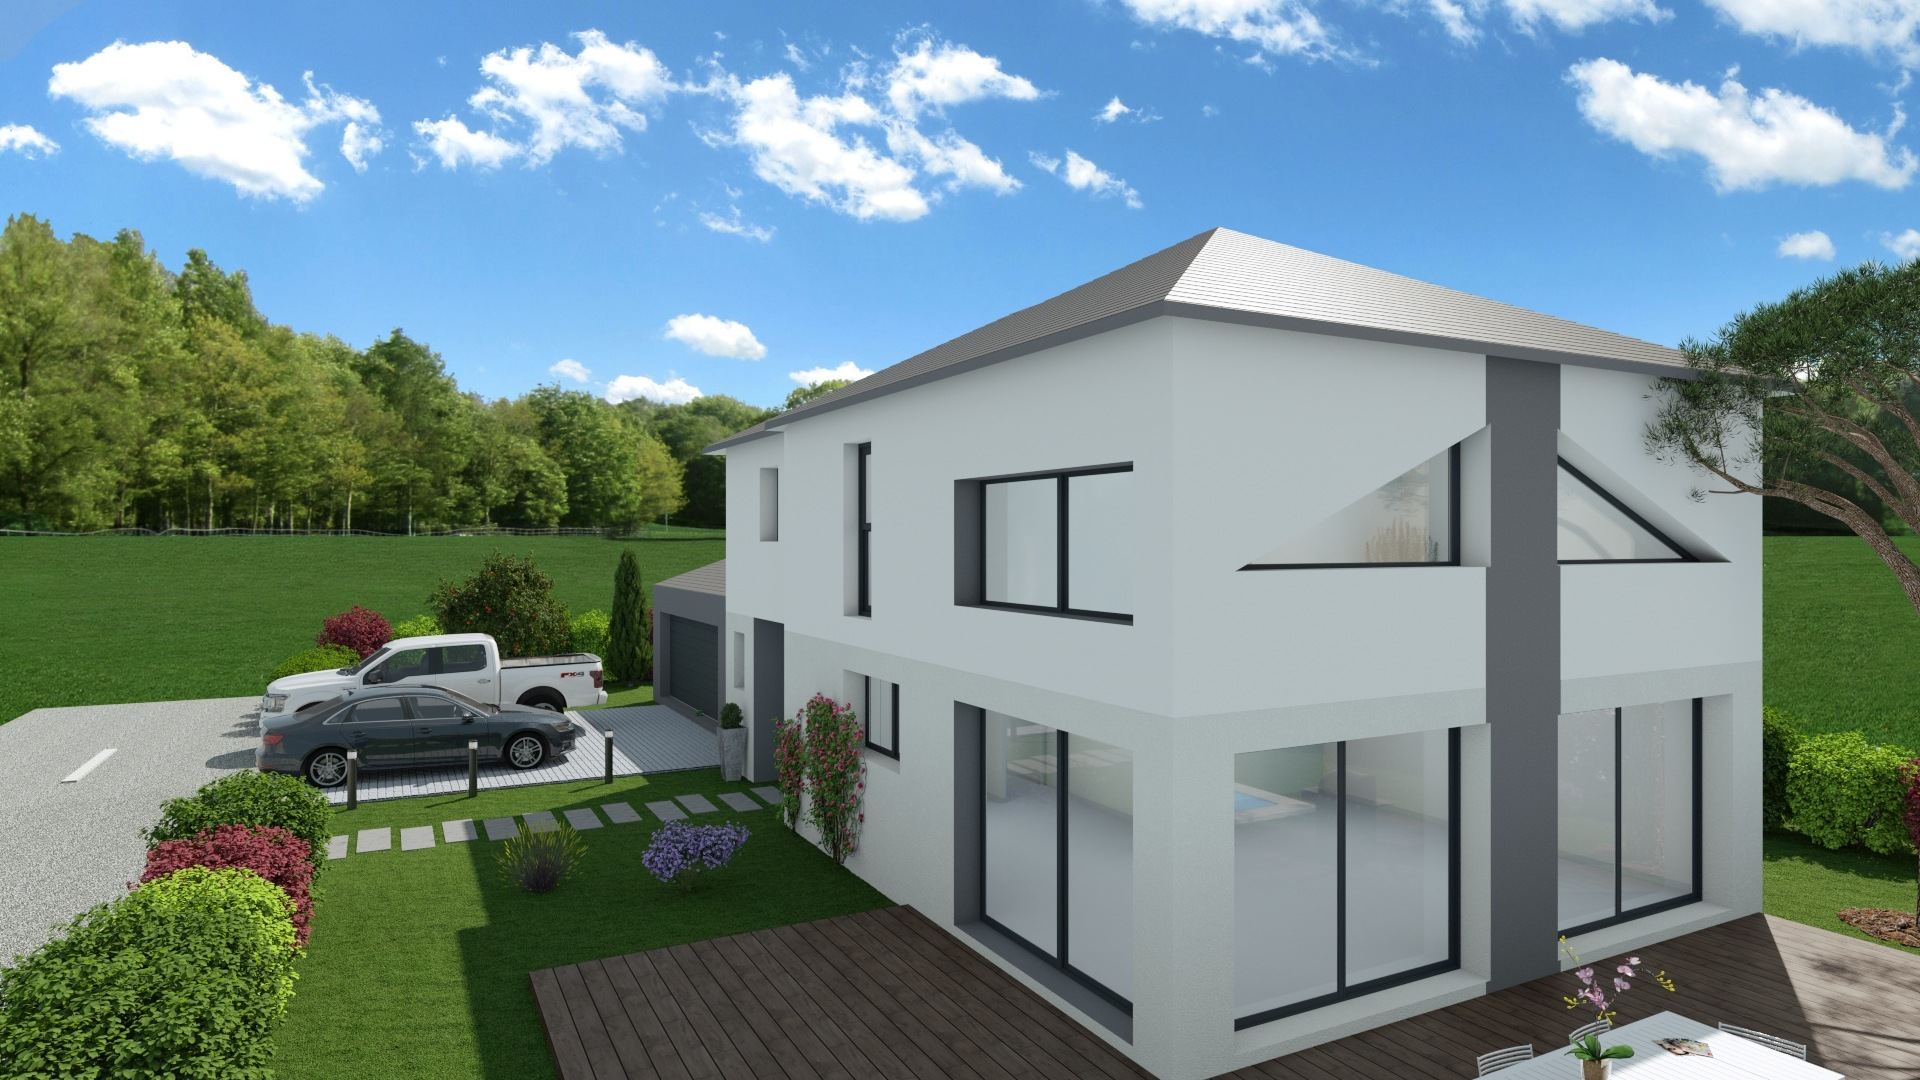 Maisons + Terrains du constructeur Maison Familiale Metz • 139 m² • CHAILLY LES ENNERY